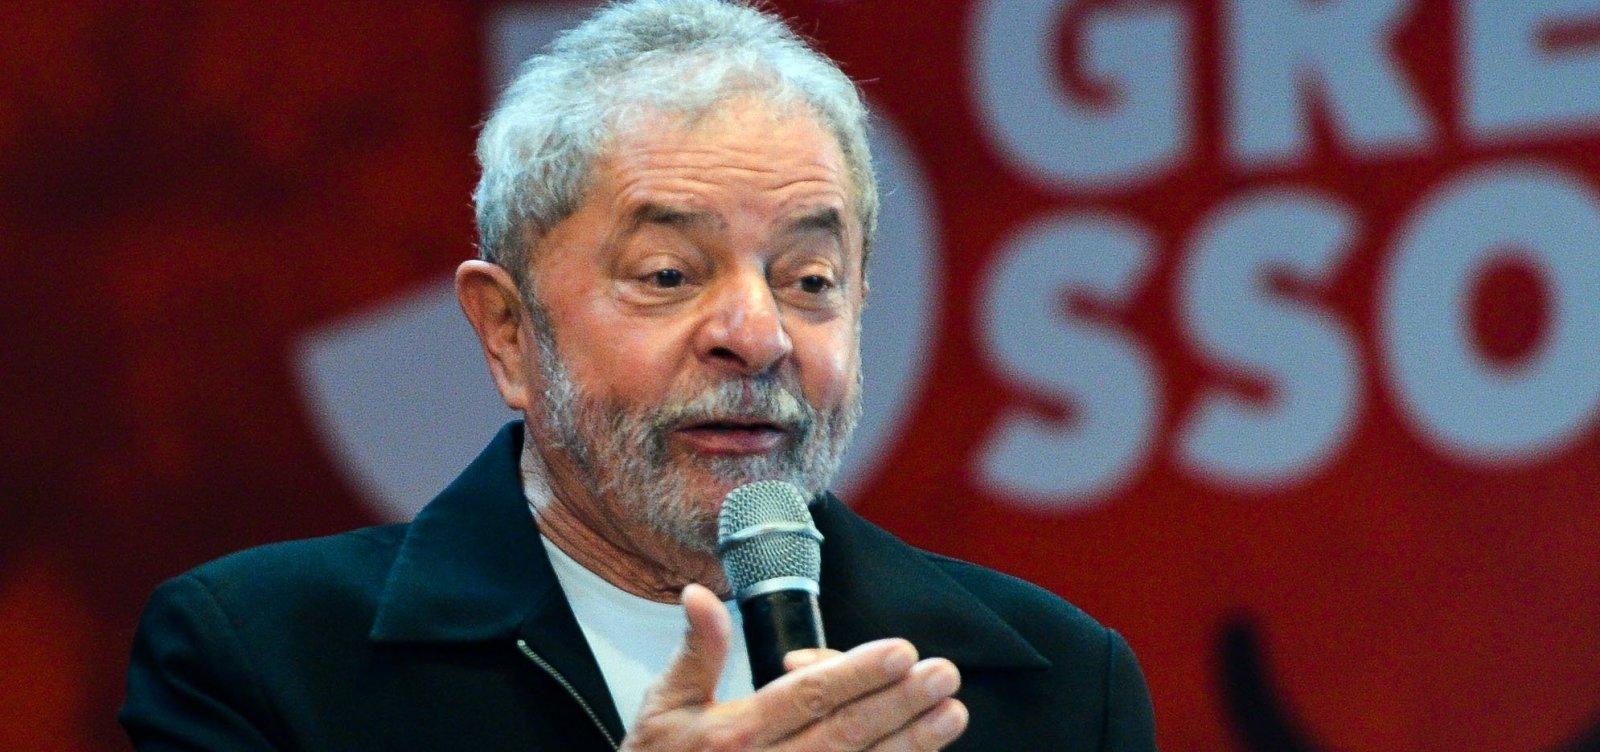 Relator da Lava Jato nega habeas corpus de Lula contra delação de Palocci